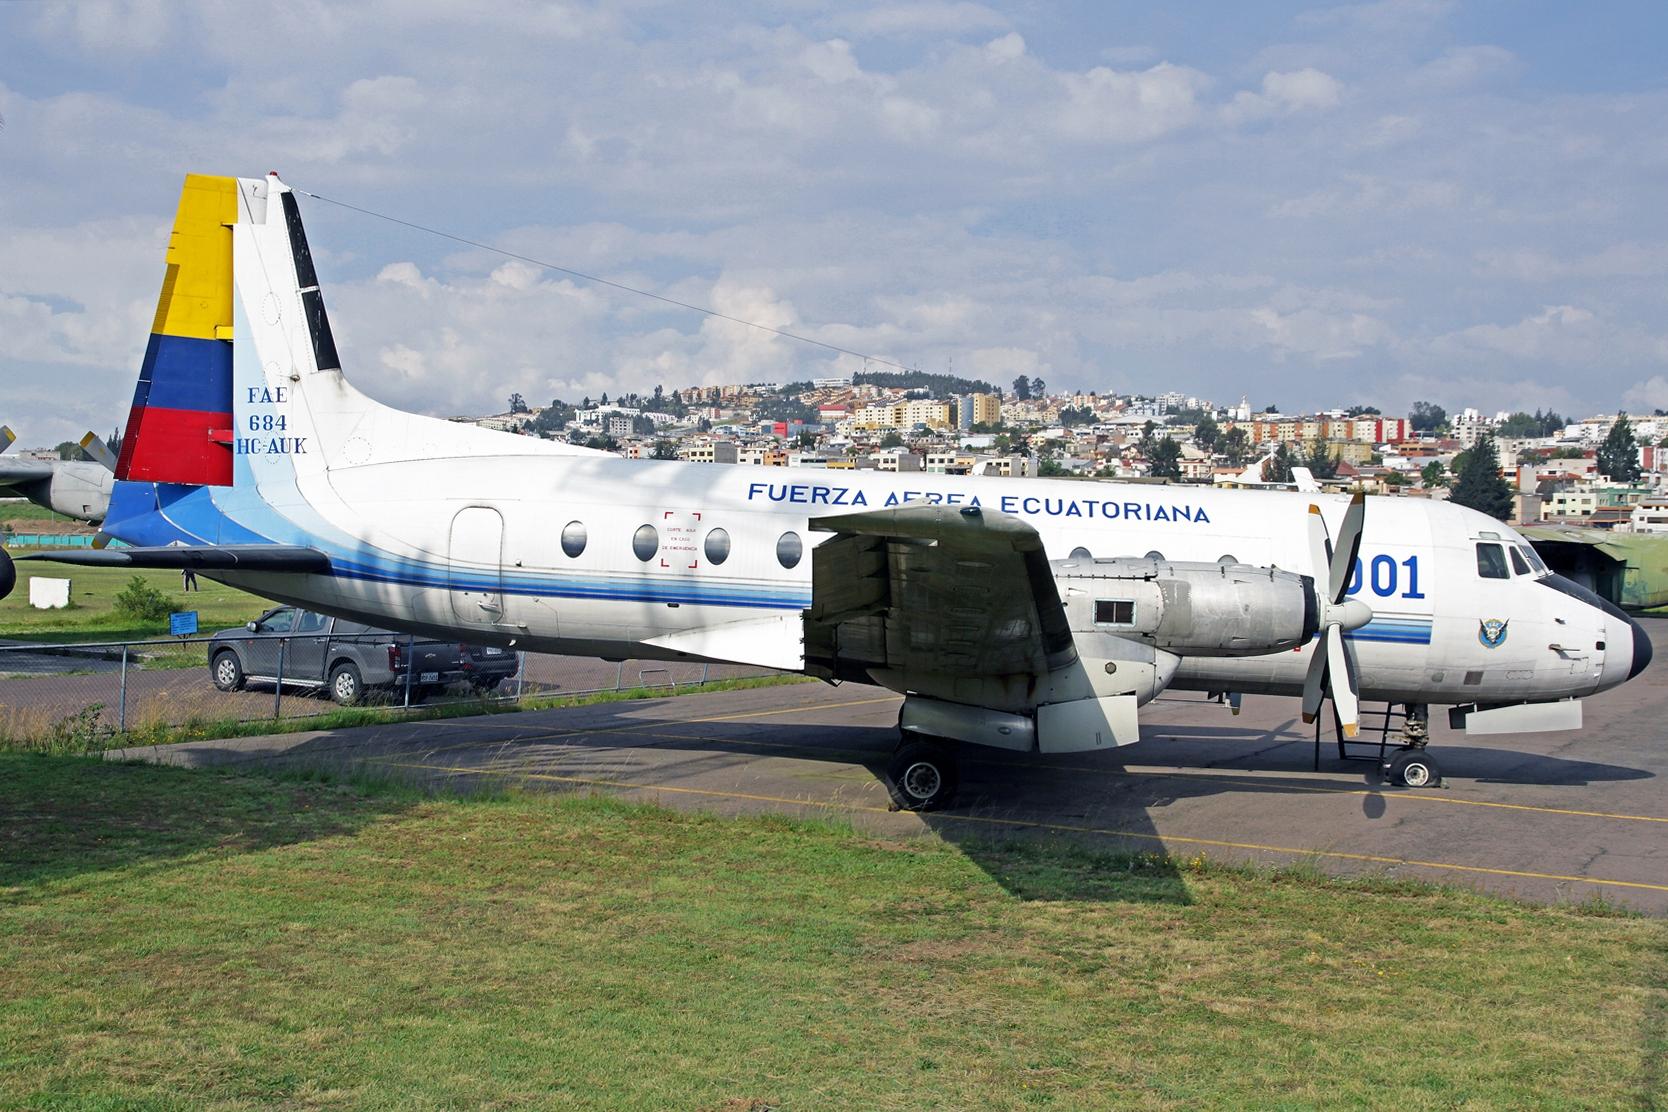 Fuerza Aérea Ecuatoriana Hawker-Siddely HS-748 Avro FAE-684 (HC-AUK) - Eines der ehemaligen Präsidenten Flugzeuge.